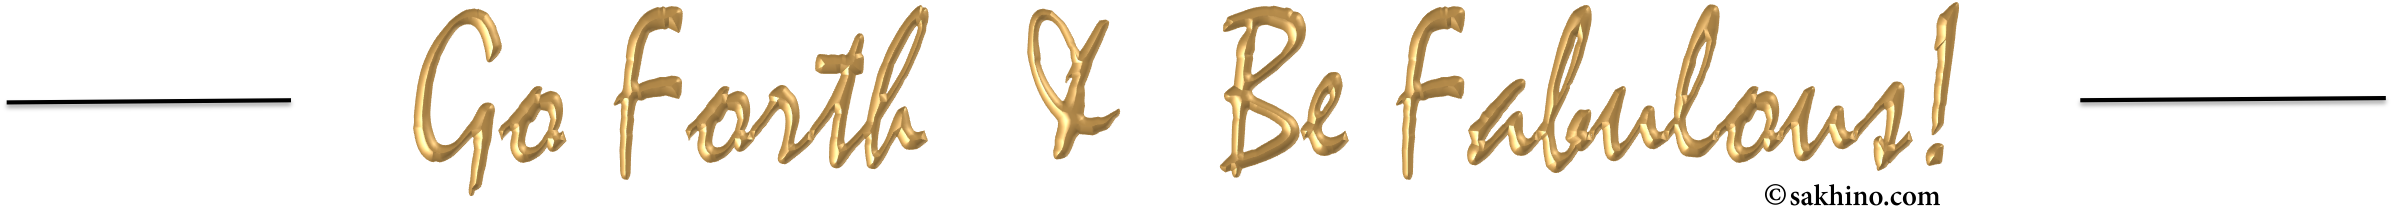 sakhino-com-slogan13